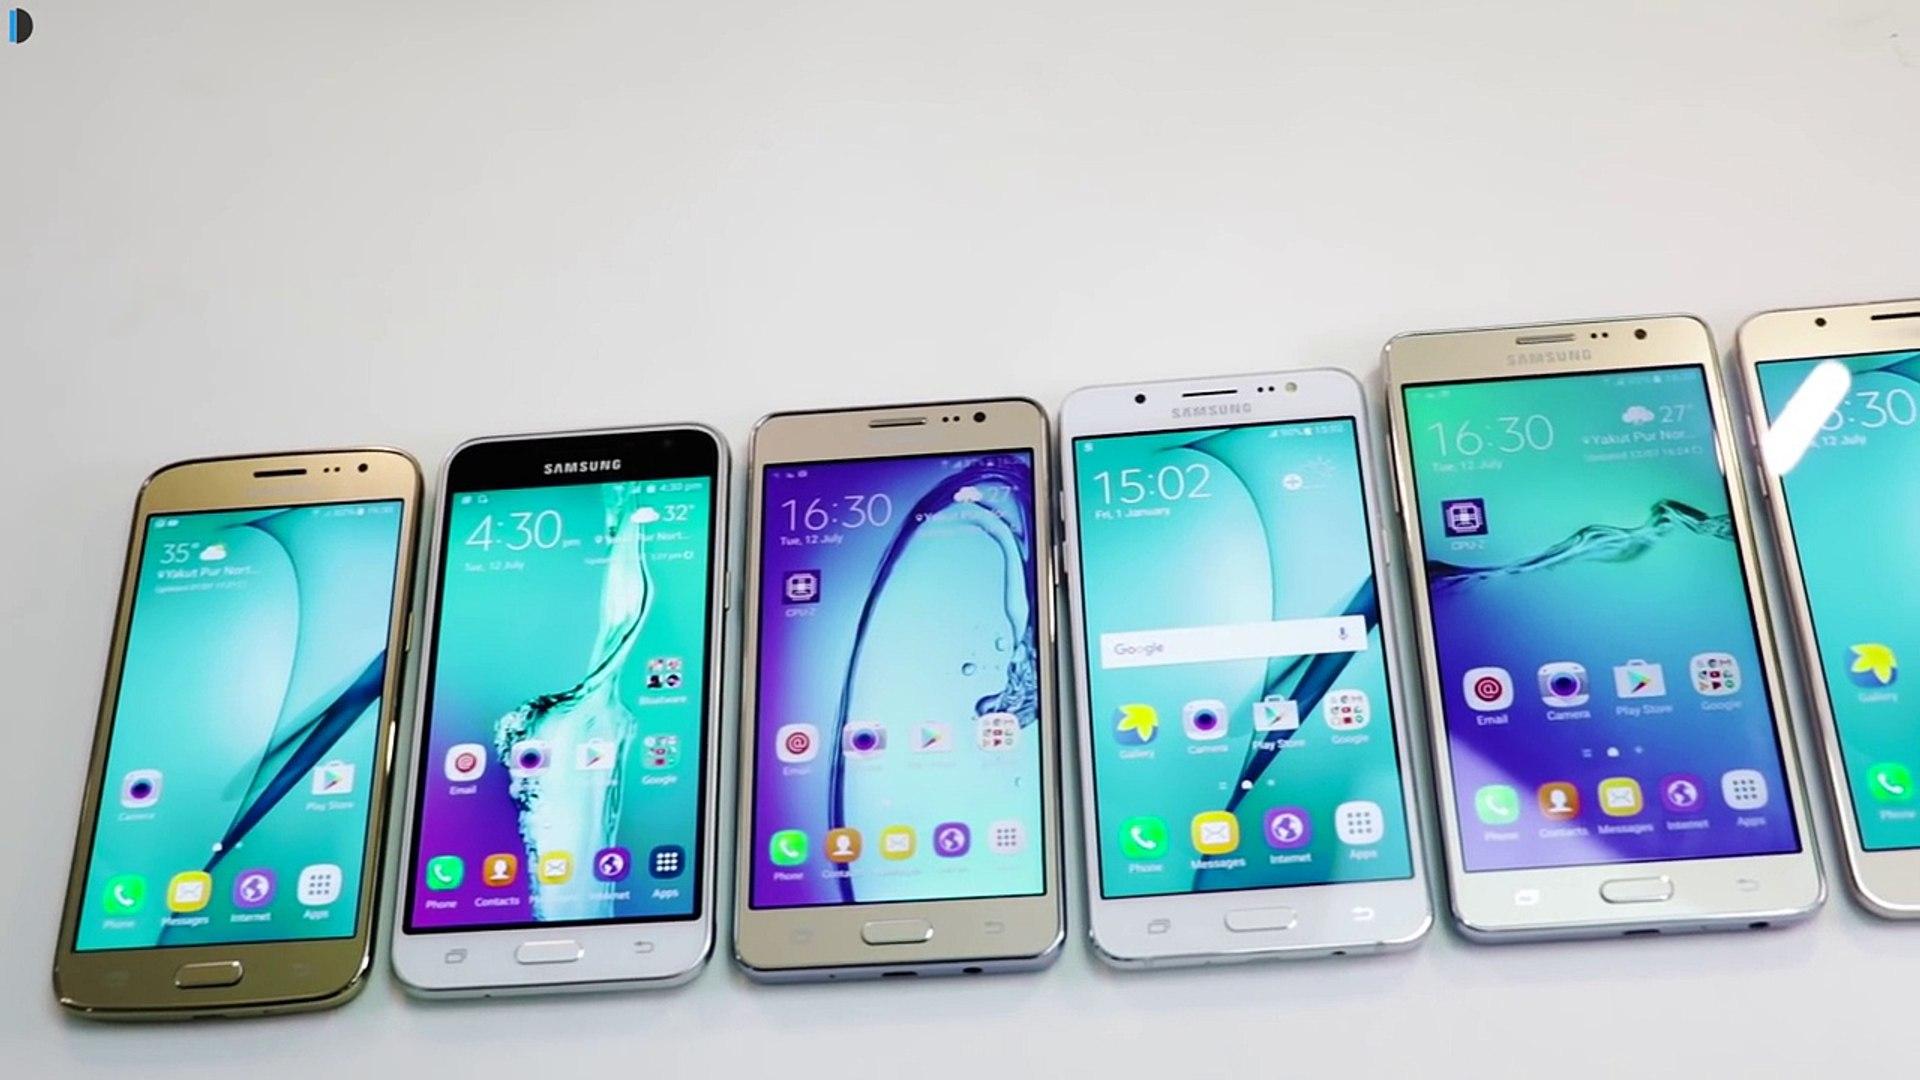 Samsung Galaxy J2 2016 VS J3 2016 VS J5 2016 VS J7 2016 VS On5 Pro VS On7 Pro Comparison